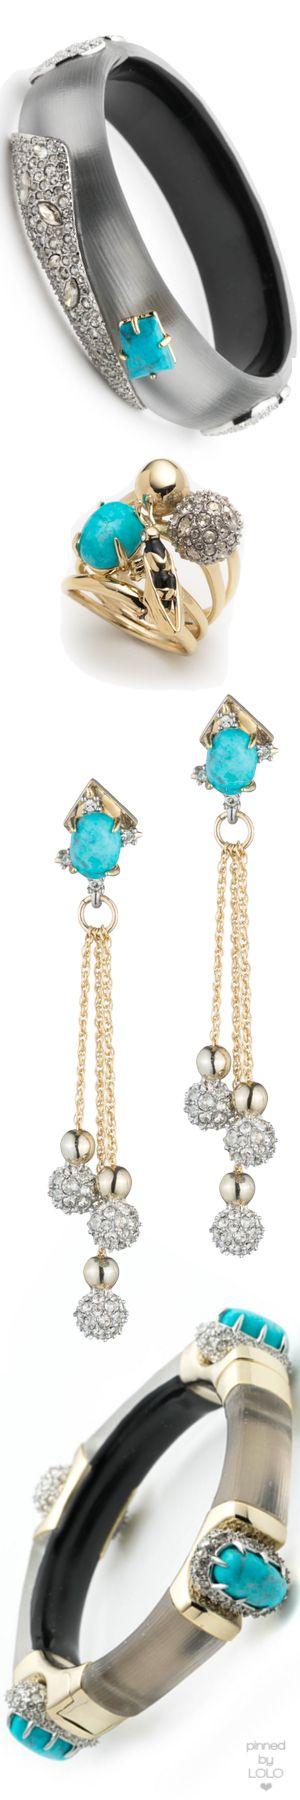 Alexis Bittar Assorted Jewelry